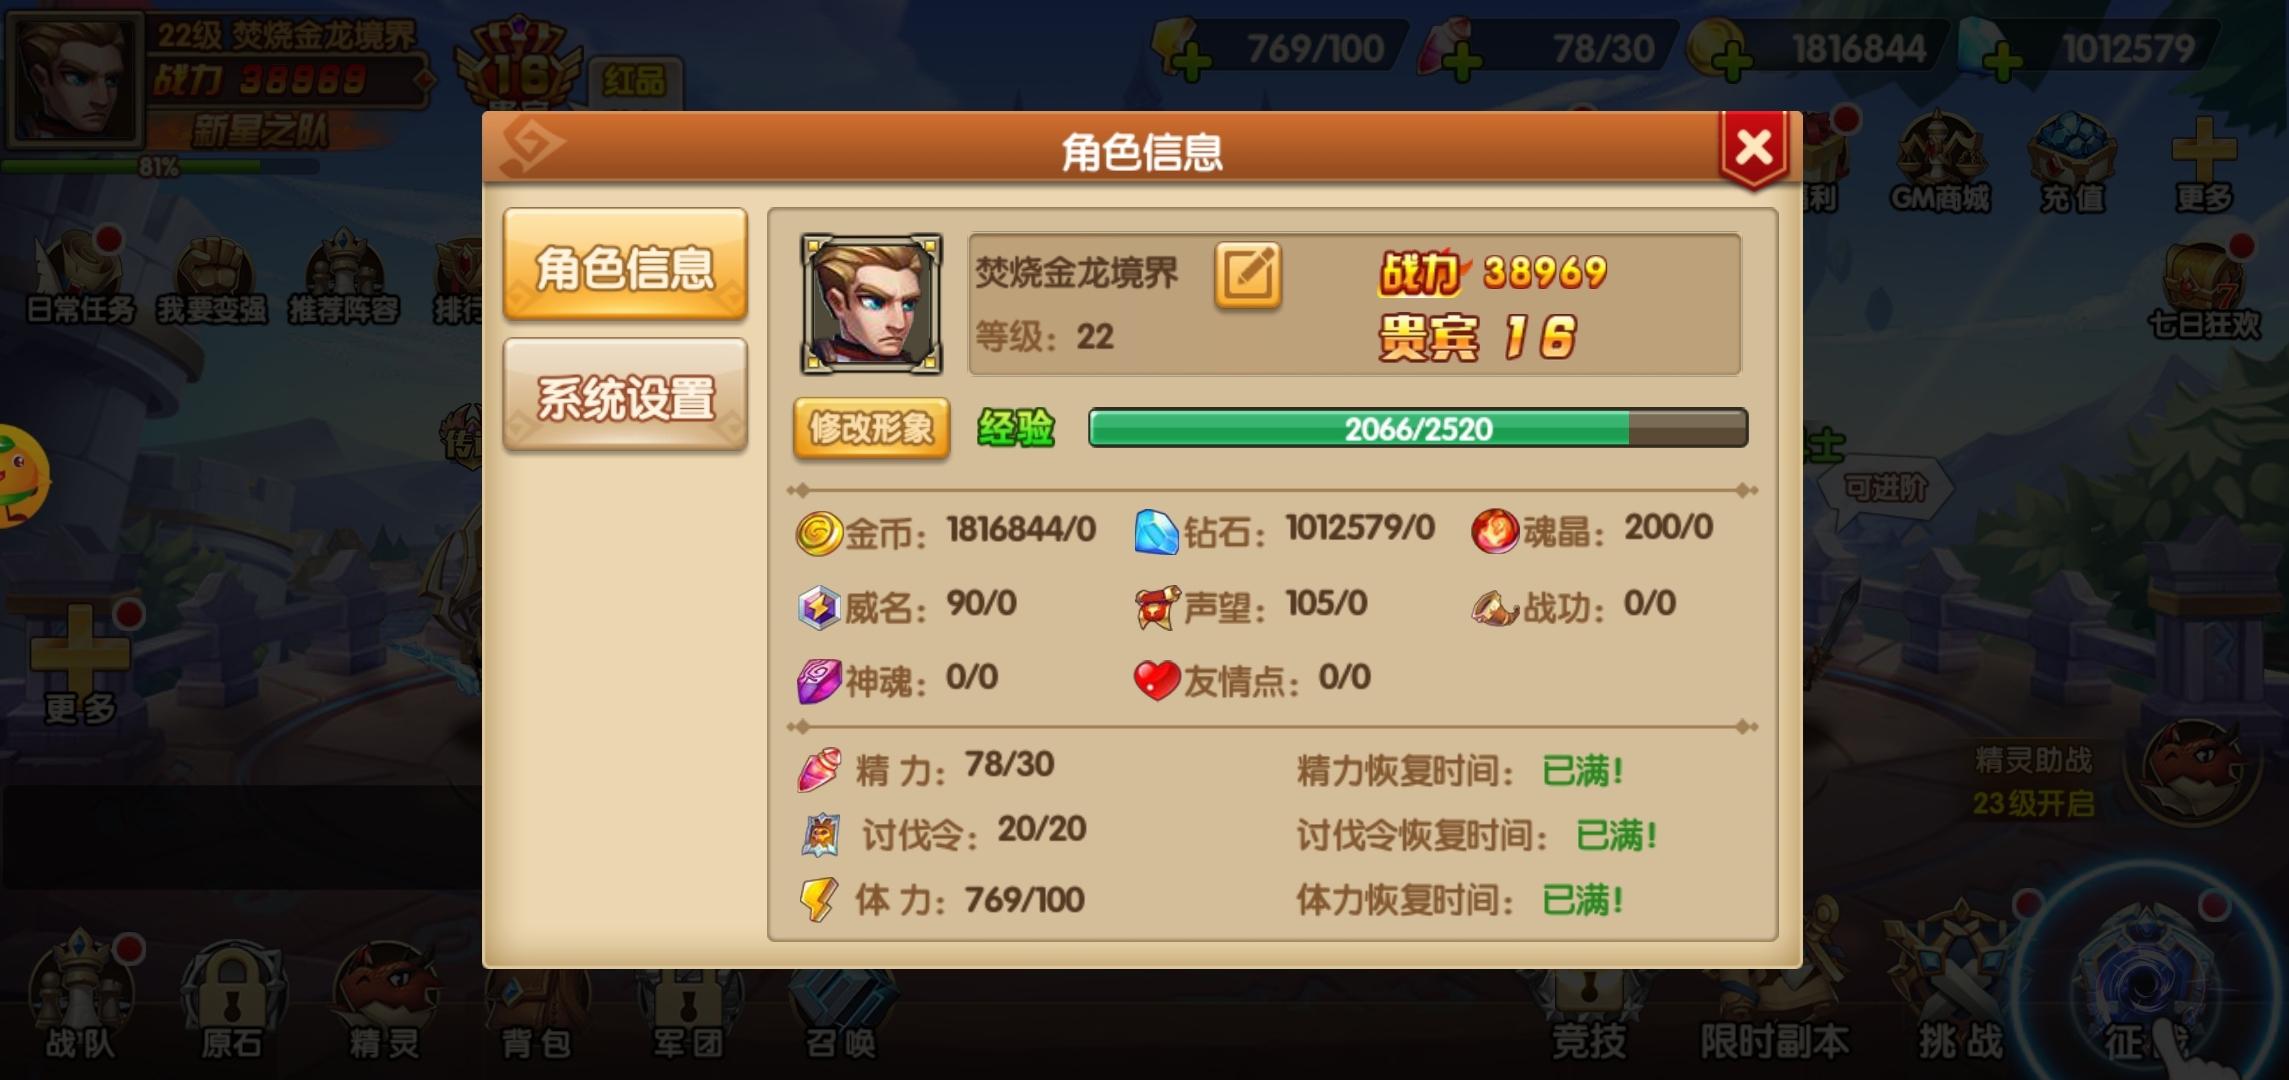 Đại Chiến Quần Hùng Private | Free Full VIP | 999999 Kim Cương | 10000000 Vàng | Hoạt Động Sự Kiện Nhận Quà